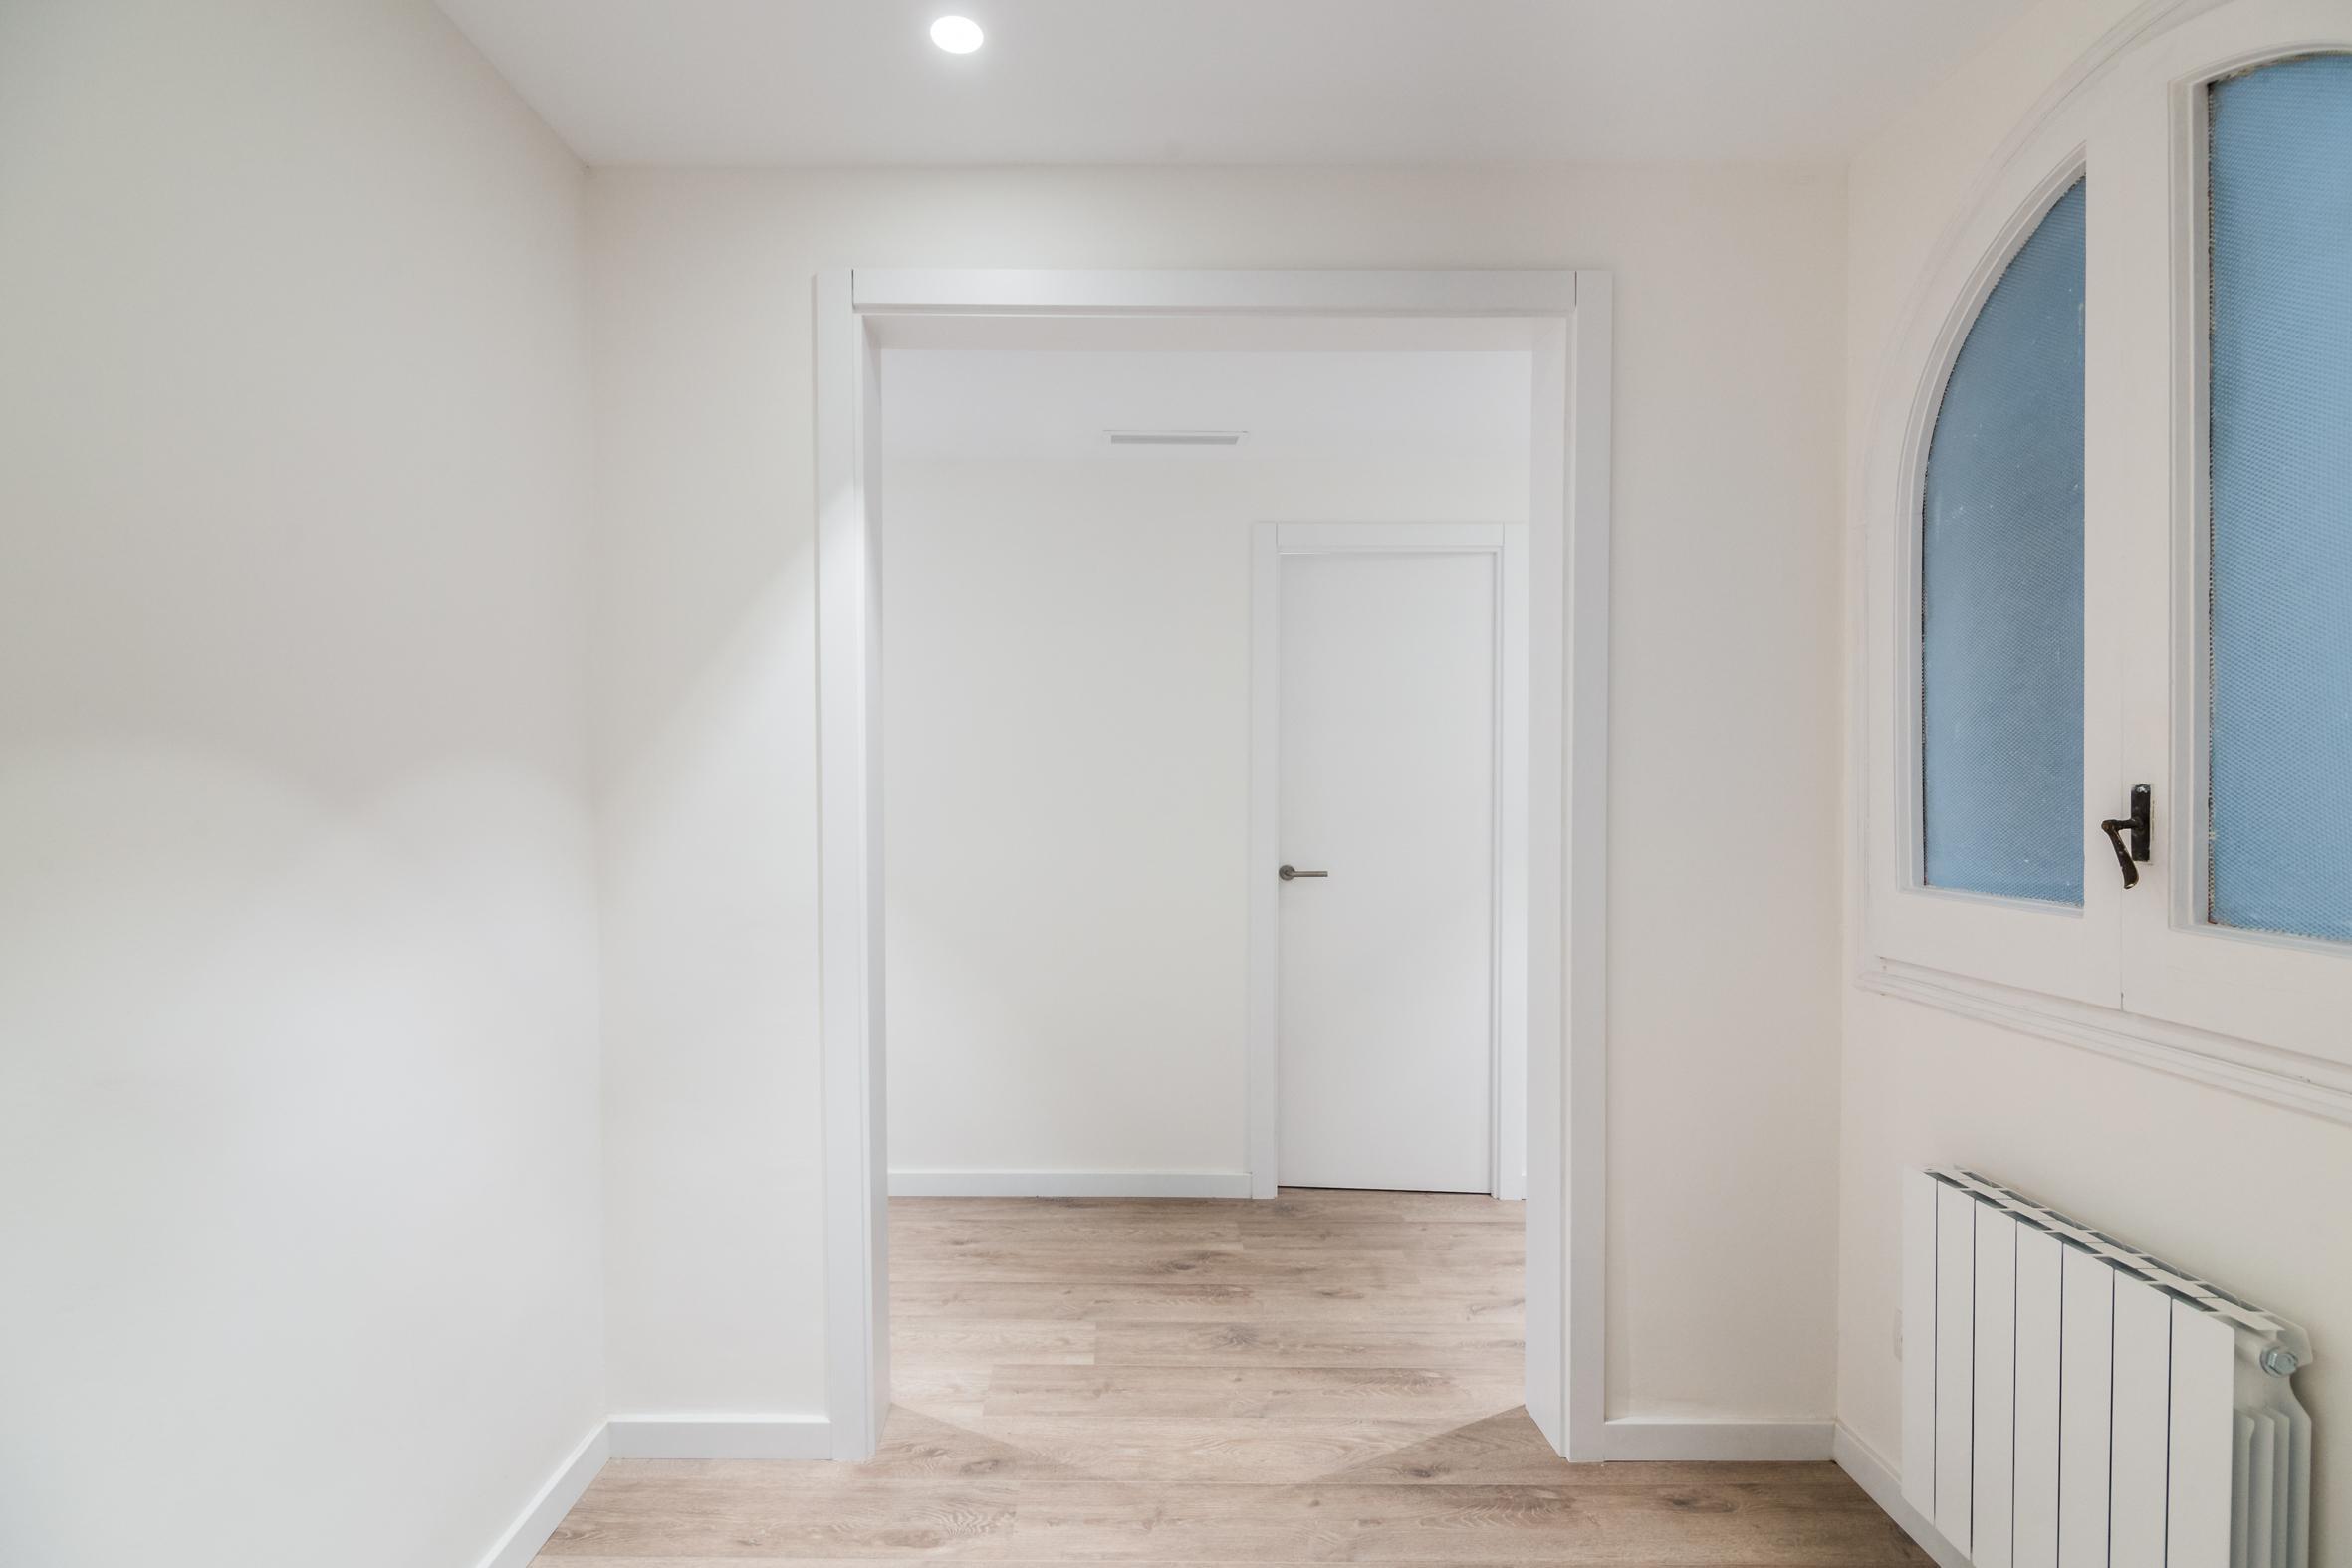 202959 Apartamento en venda en Sarrià-Sant Gervasi, St. Gervasi-Bonanova 8